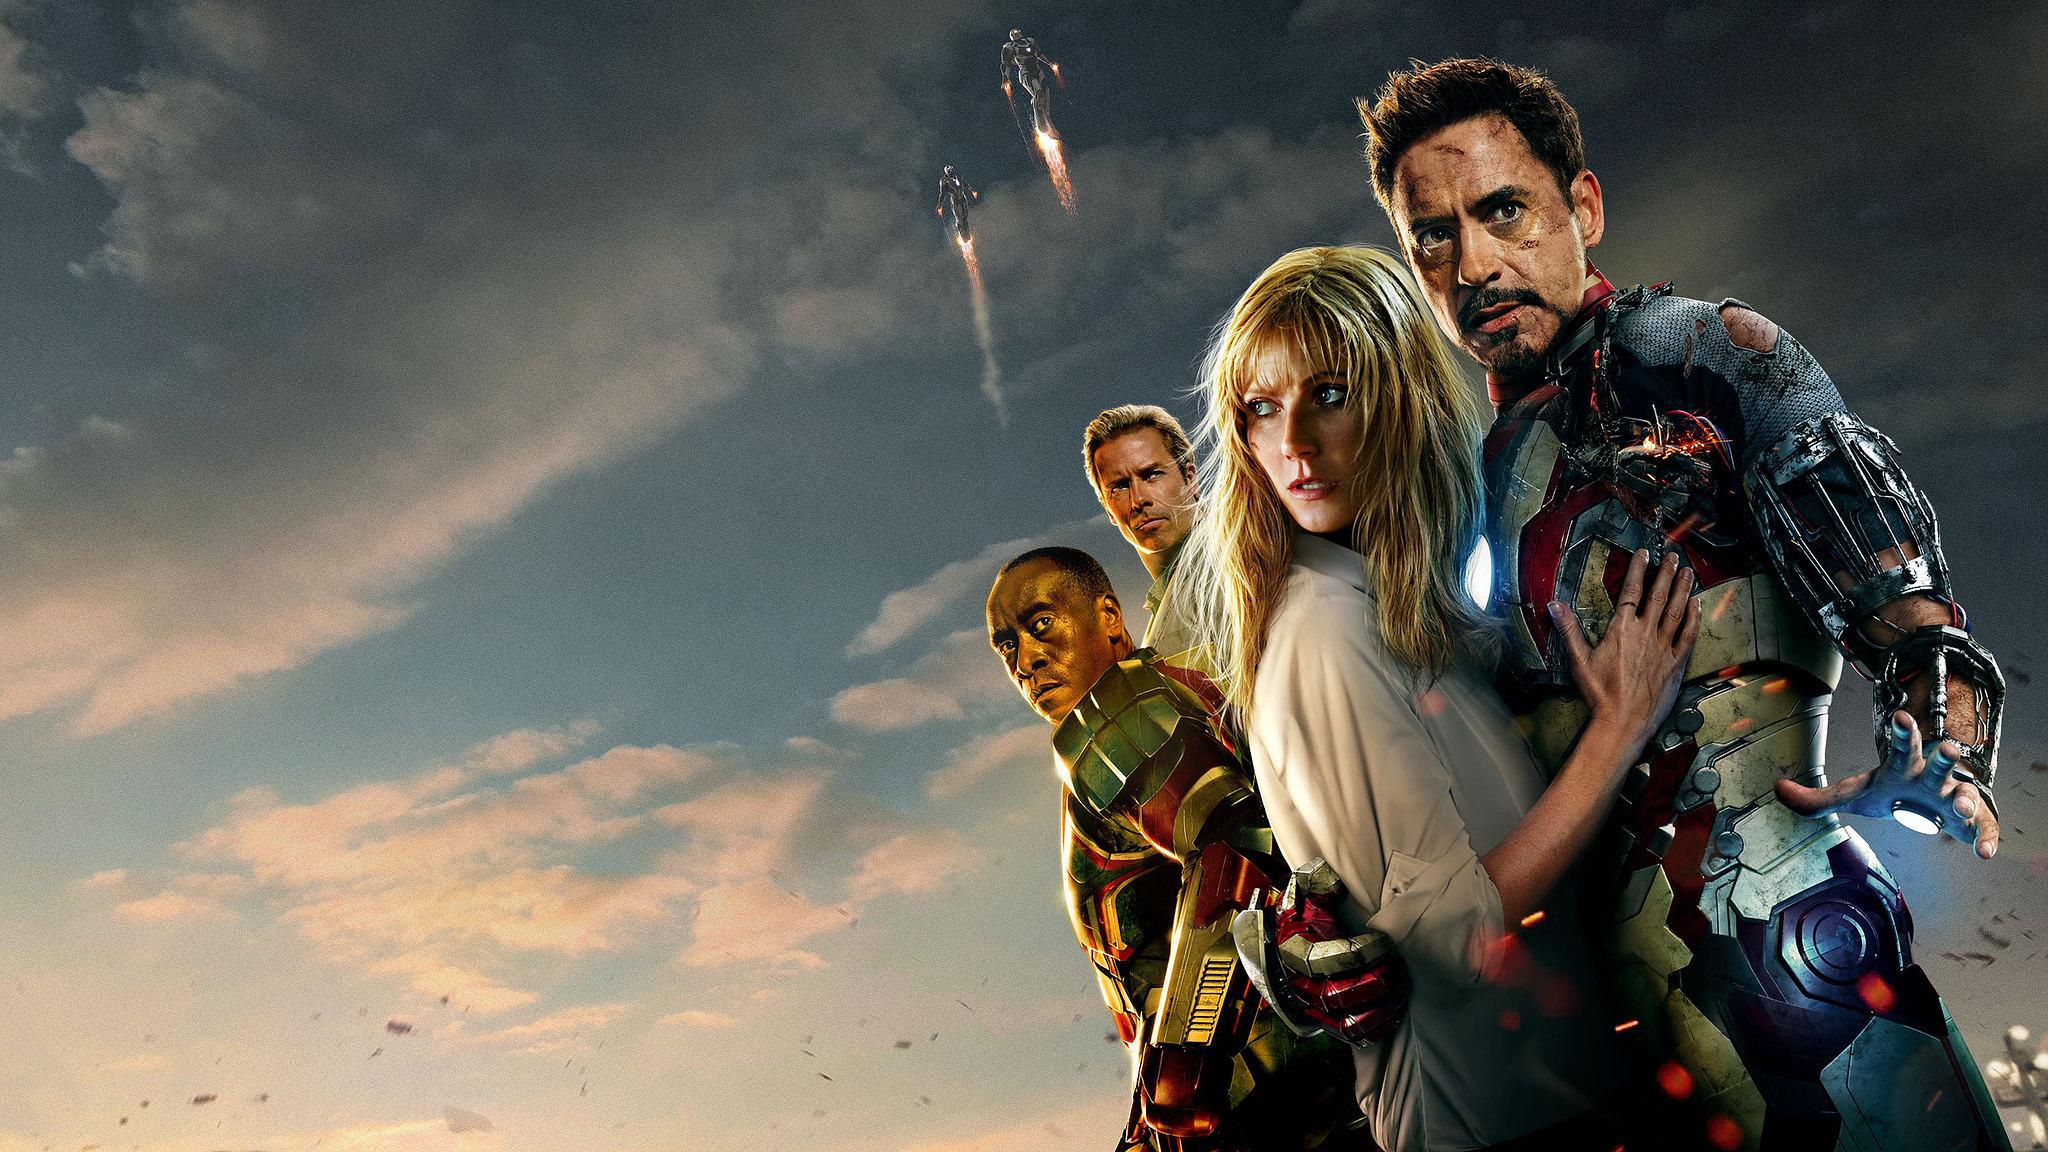 Iron Man Iron Man 3 Pepper Potts Robert Downey Jr War Machine 2048x1152